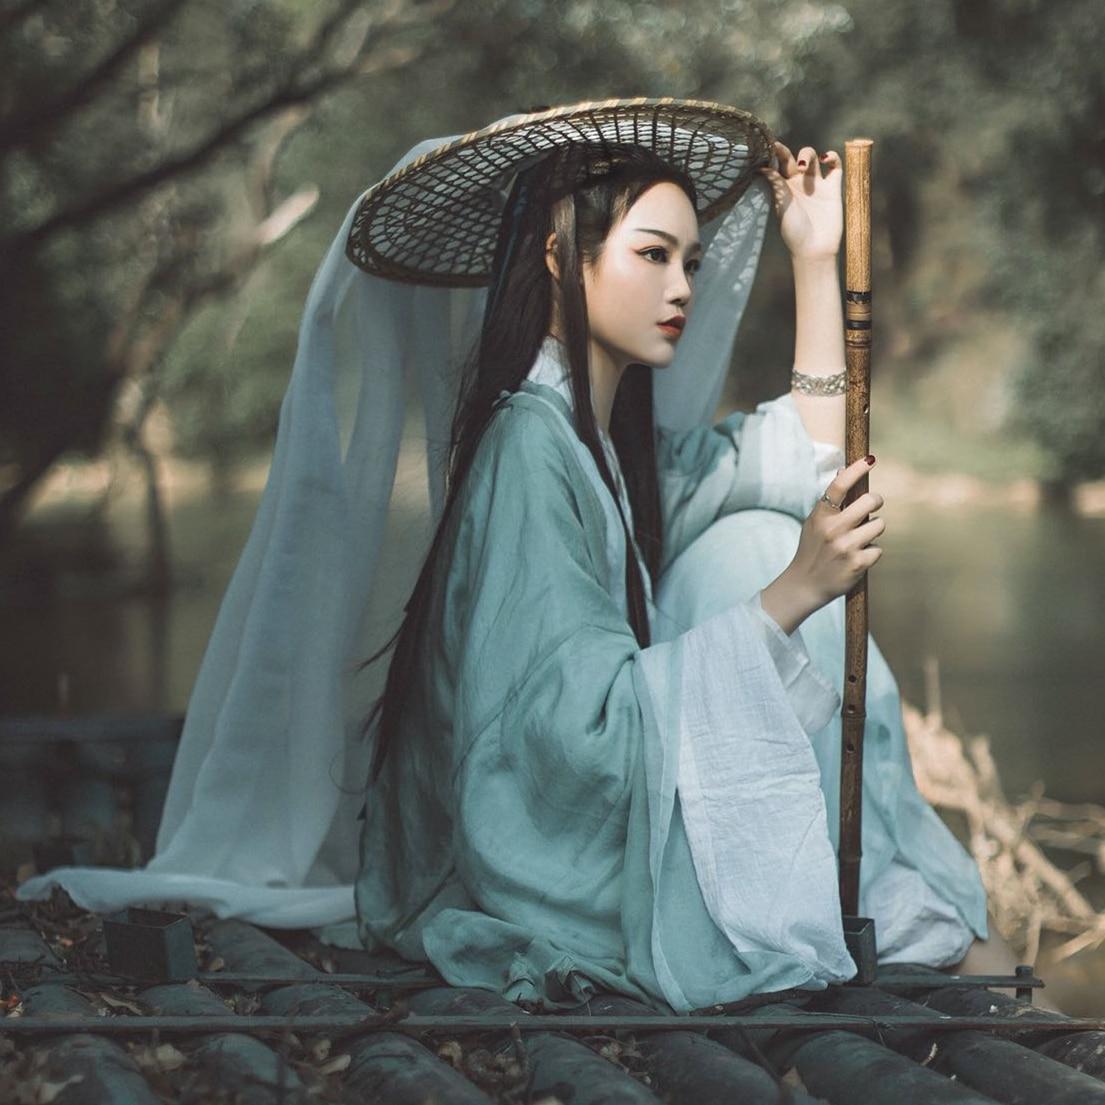 Tang hanedanı antik Hanfu elbise kadın kılıç ustası ulusal kostüm peri kıyafet geleneksel çin prenses sahne giyim